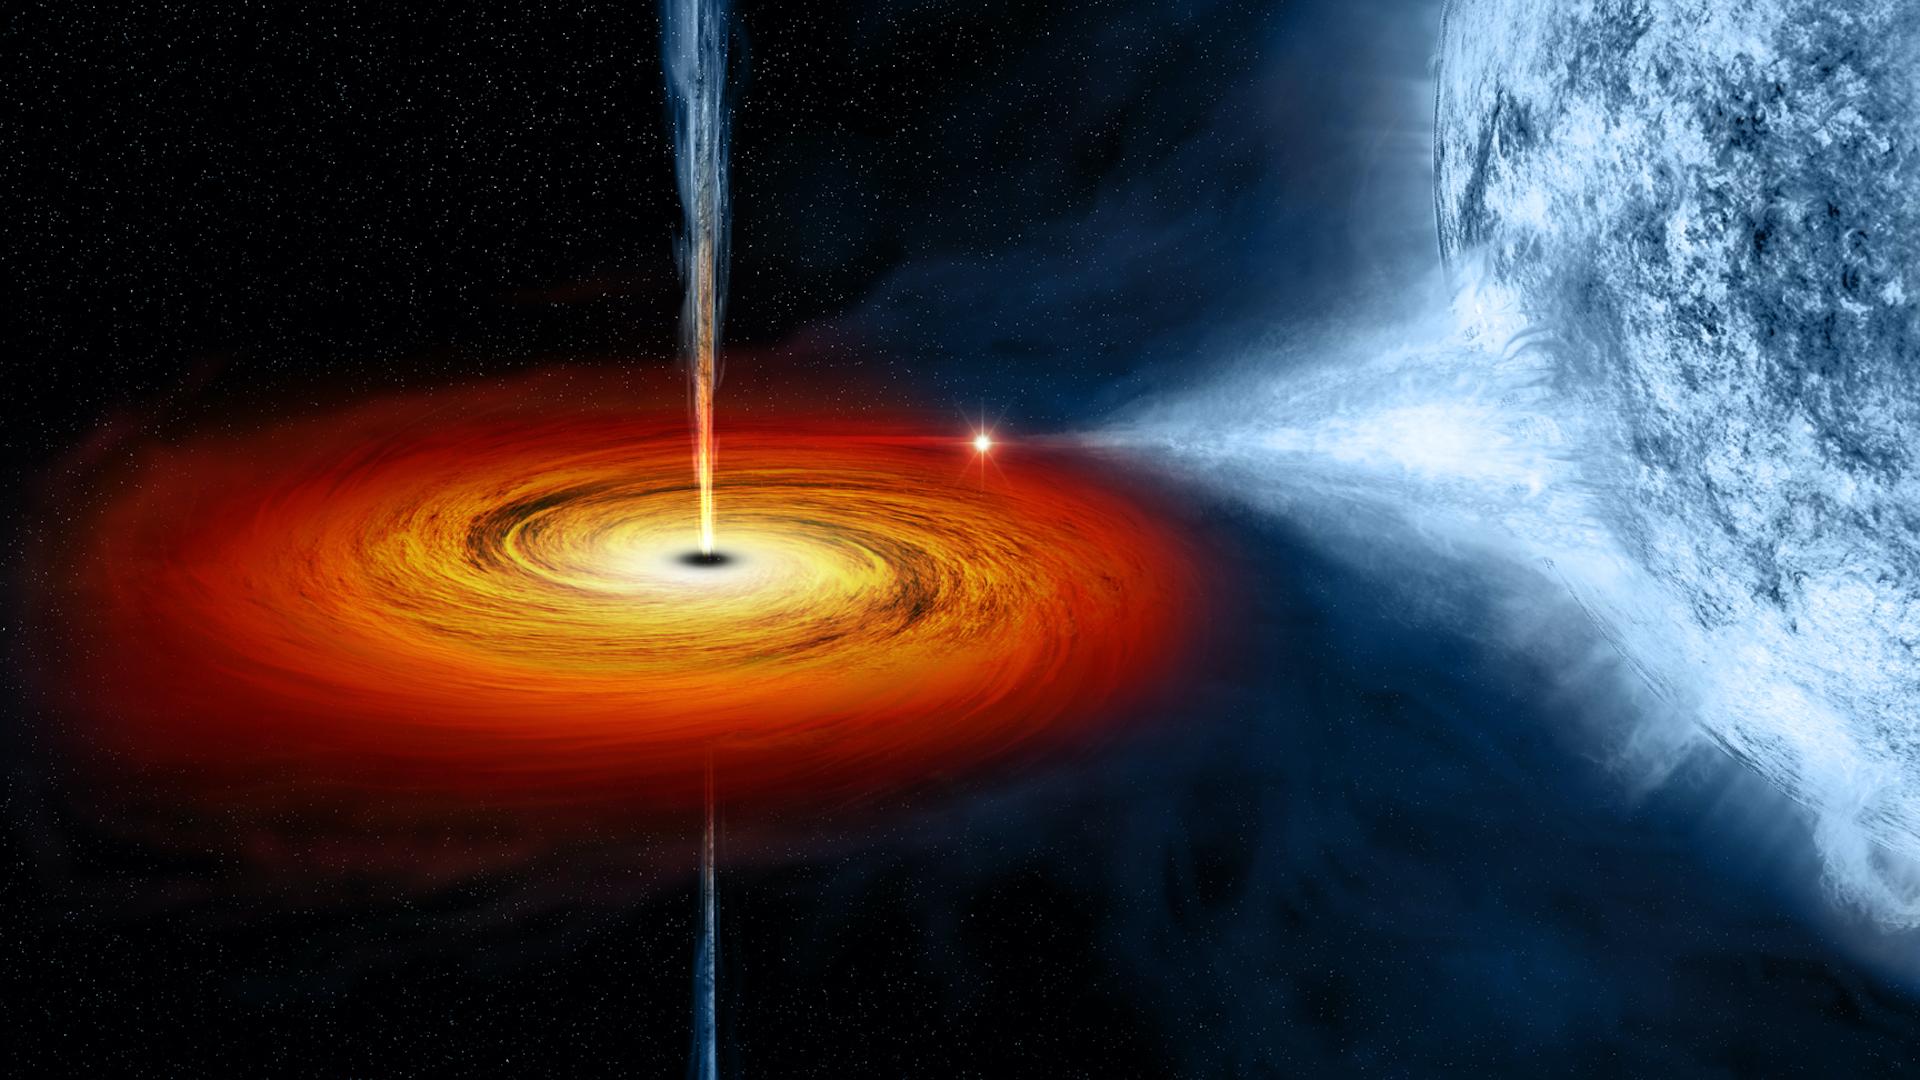 ¿Qué es un agujero negro? ¿Qué dicen la NASA y los científicos?